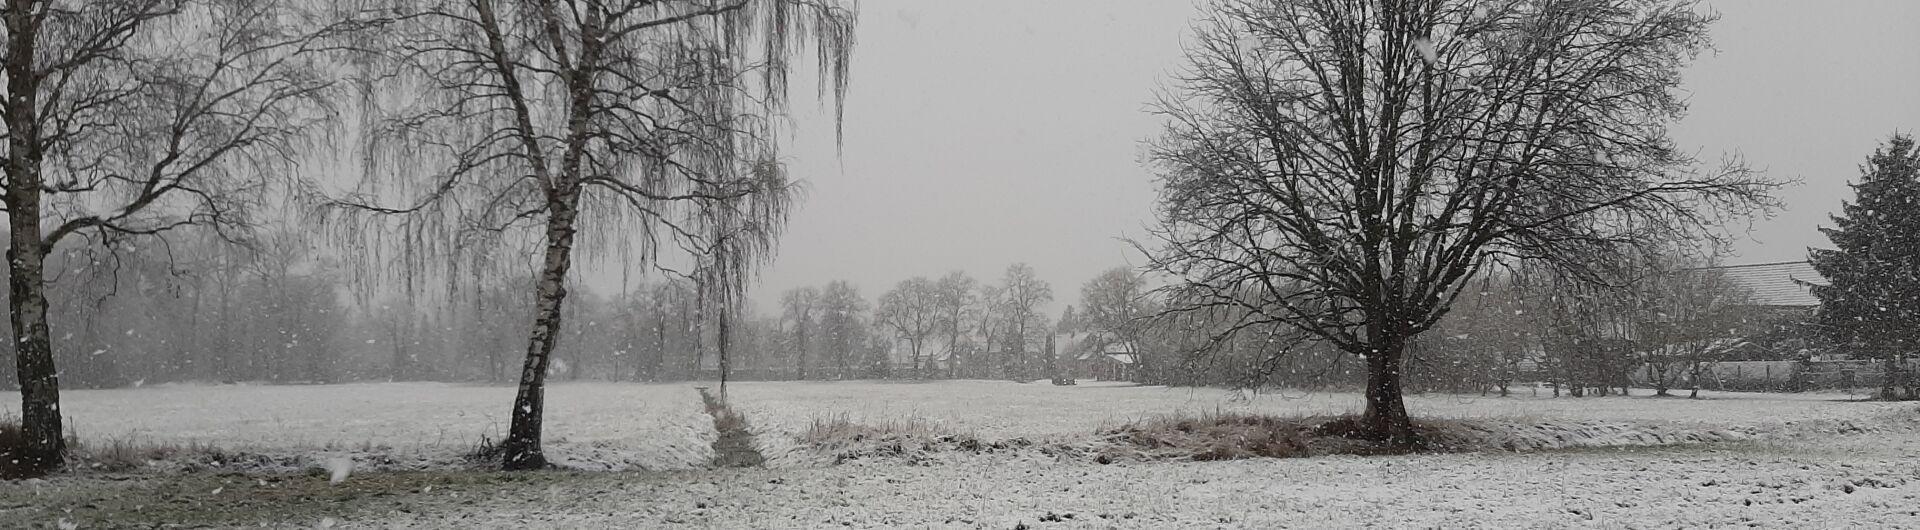 über die Wiesen, 23.01.2021, Fotorechte: U.Schöne